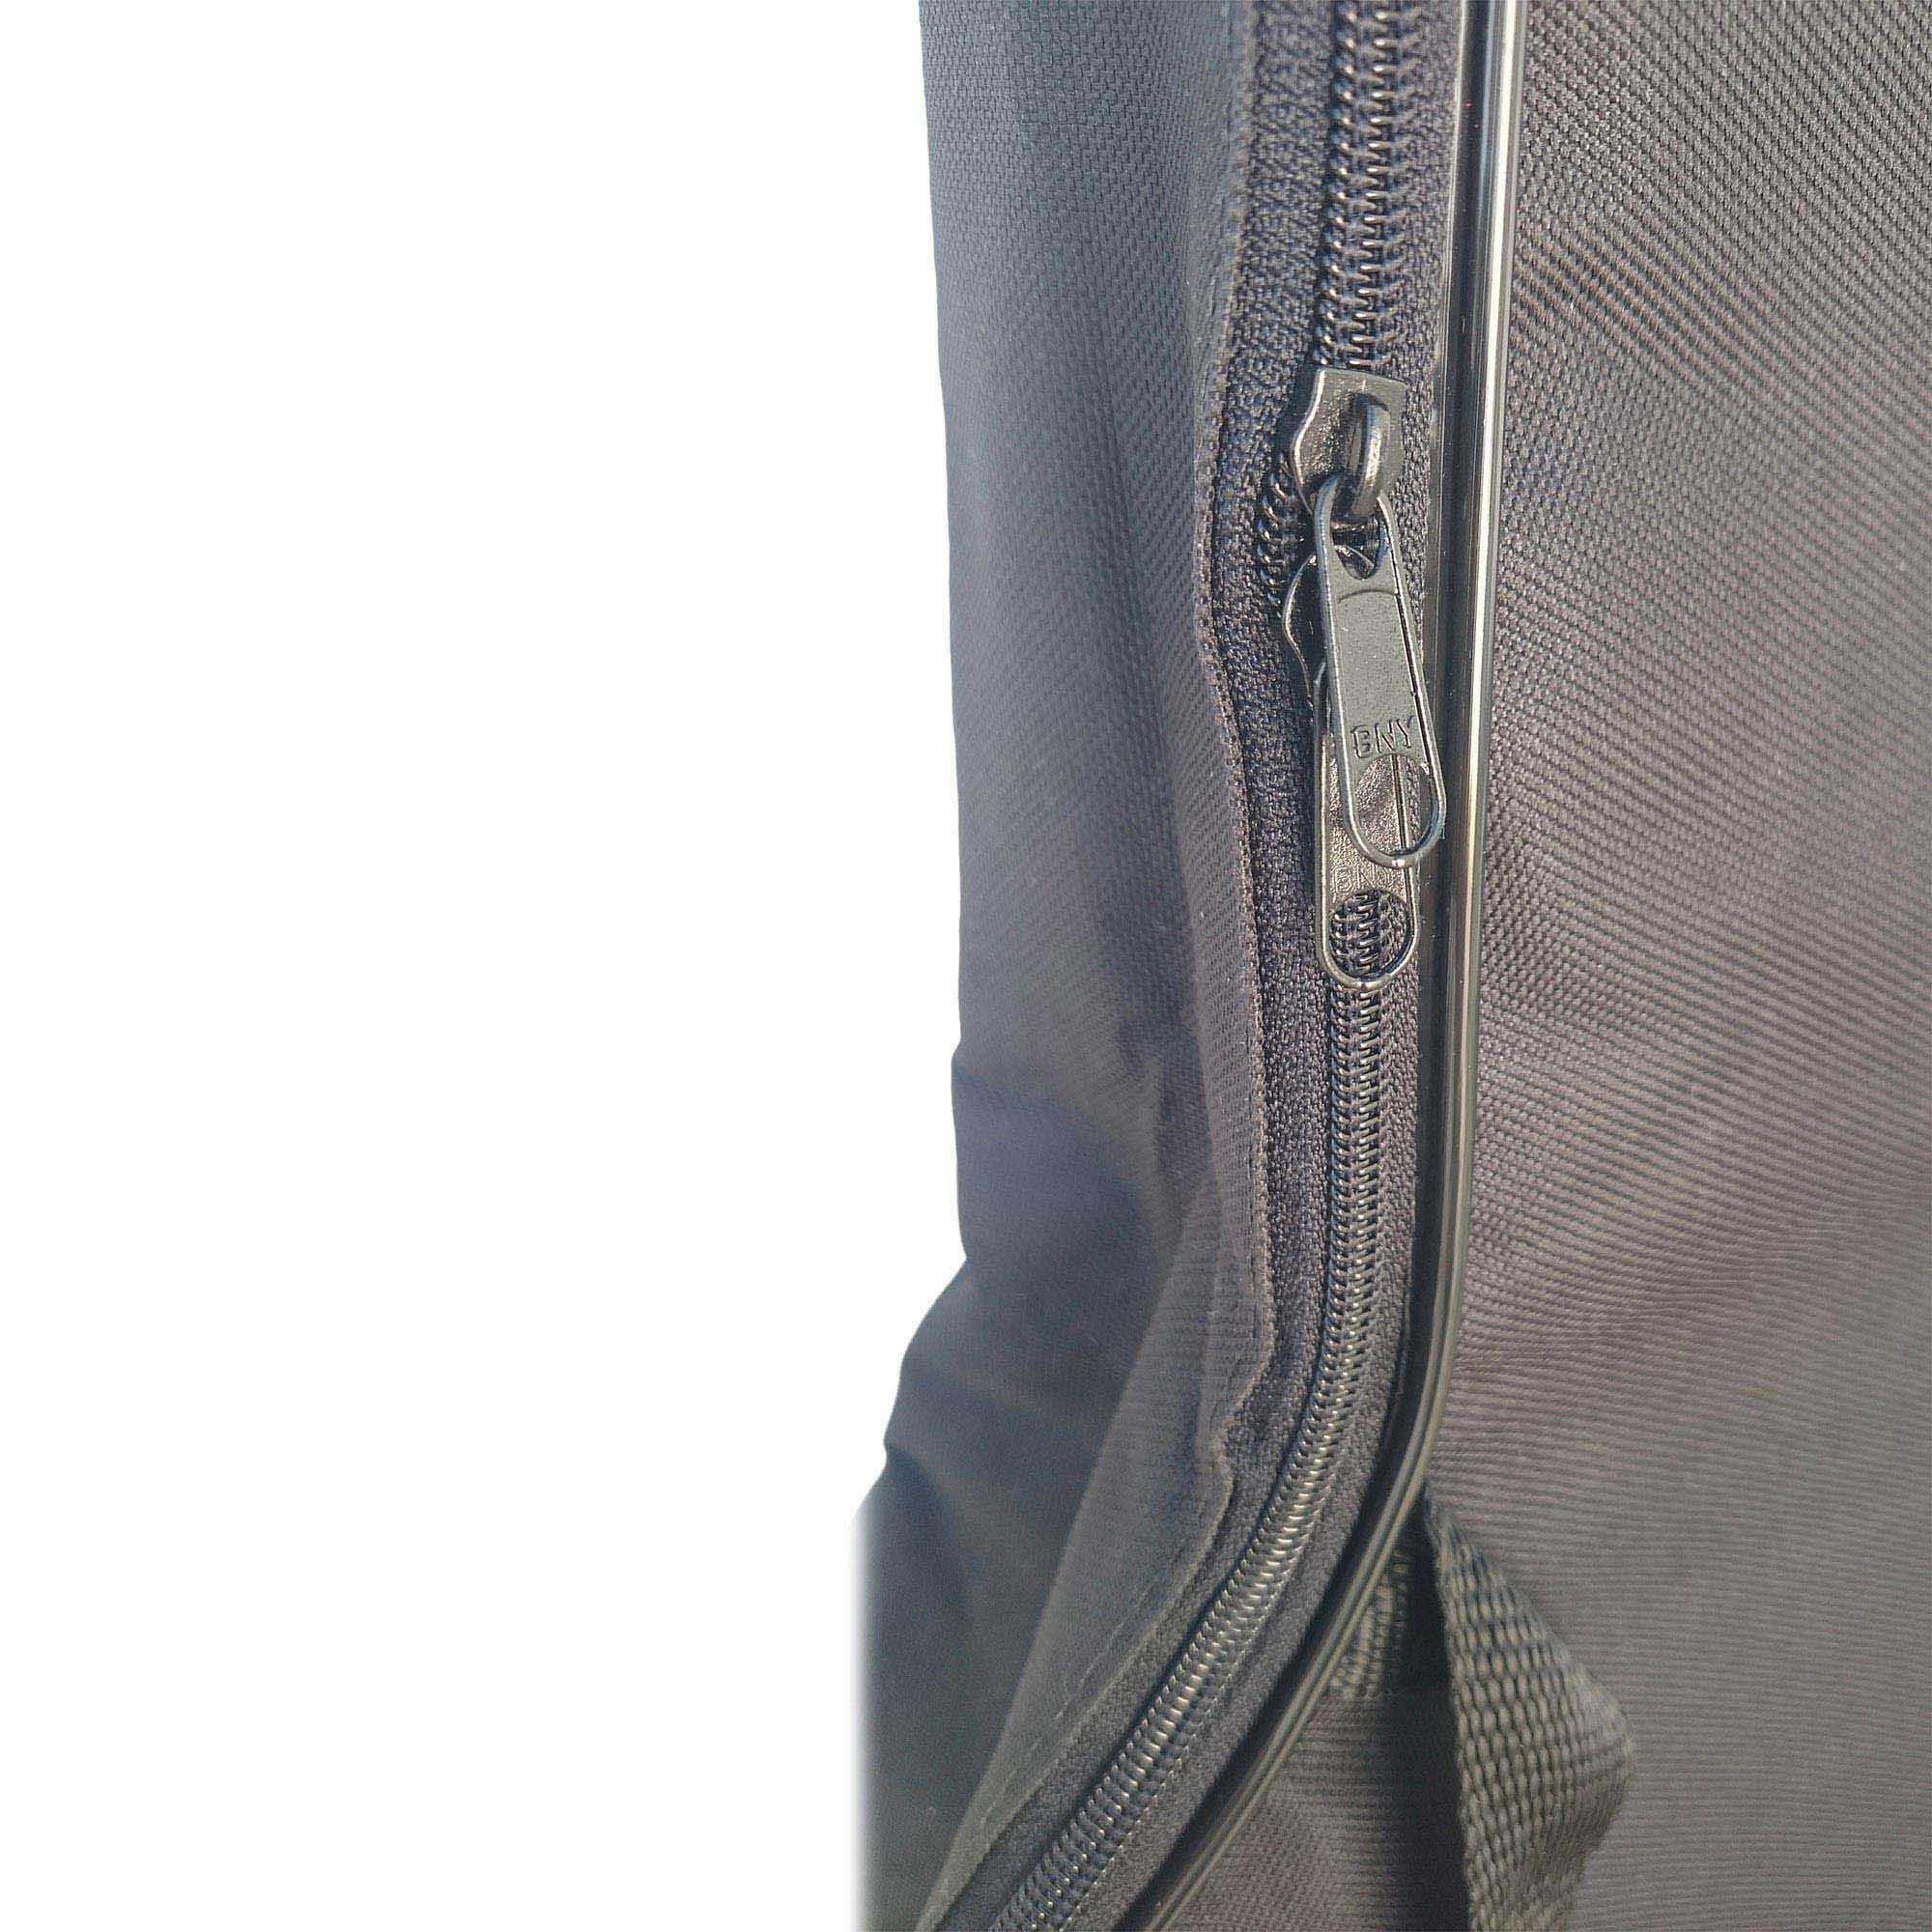 Capa Bag Para Violão Folk Luxo CLAVE & BAG. Acolchoada, alça de mão e de mochila. LU 503  - ROOSTERMUSIC